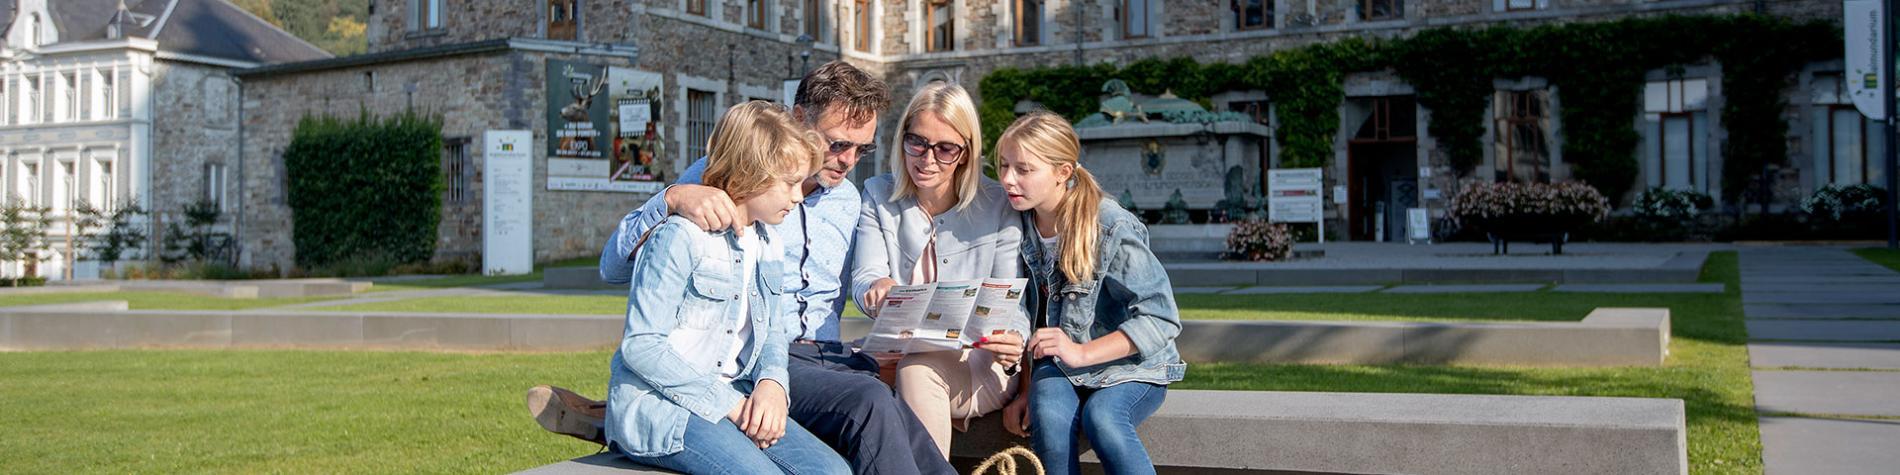 Malmedy - Malmundarium - Famille - visite - musée - photographie - appareil photo - imprimerie - Nature - place